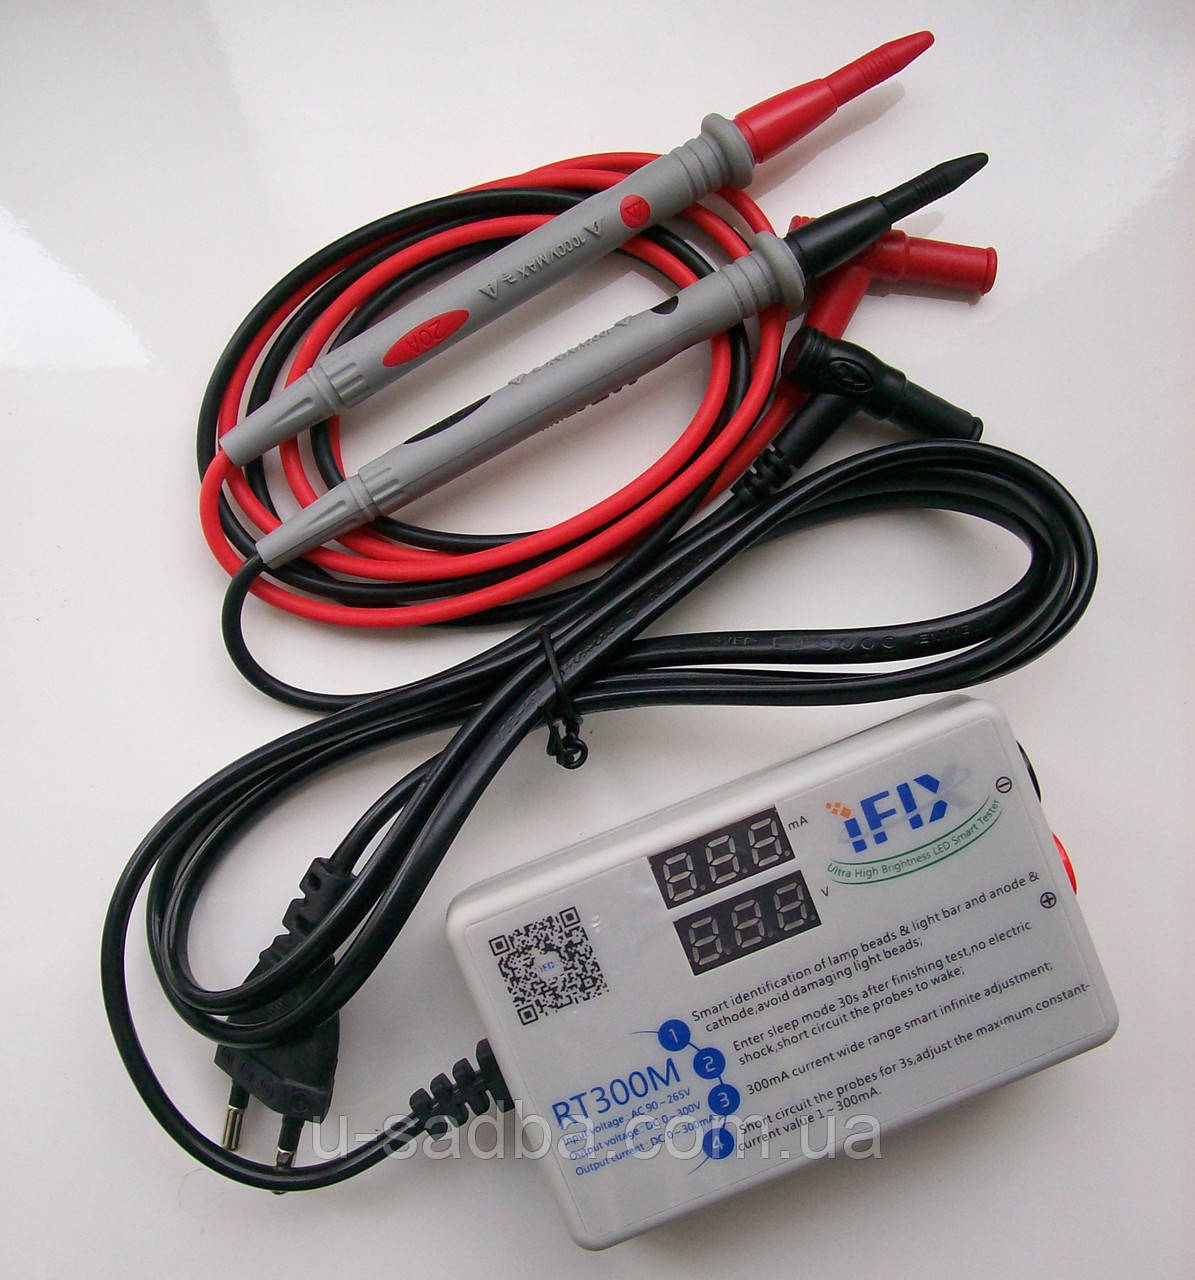 RT300M Тестер светодиодов подсветки iFiX RT300M